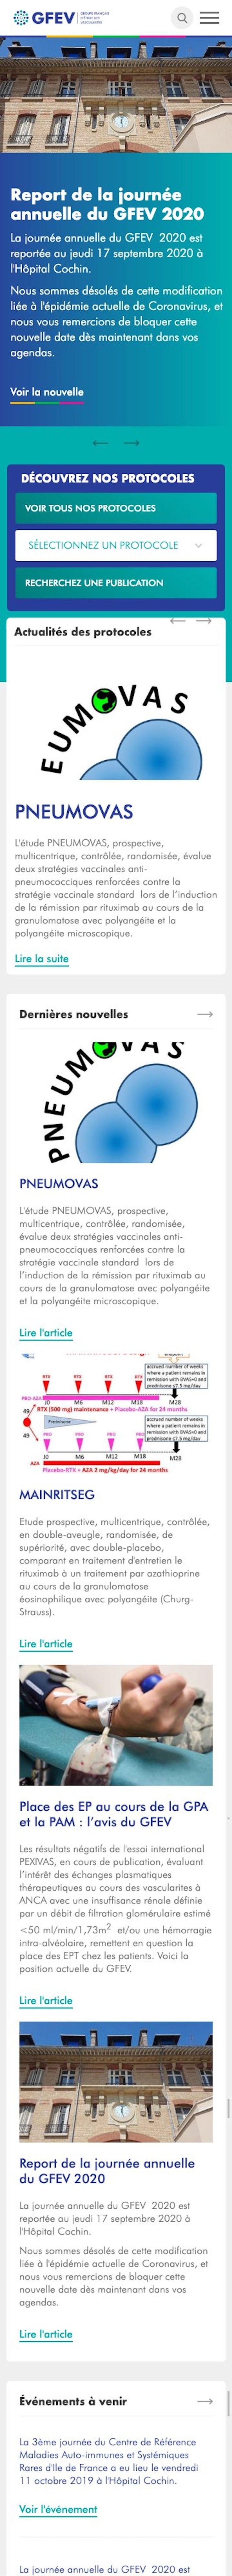 webflow project 3 - Groupe Français d'Etude des Vascularites (GFEV)